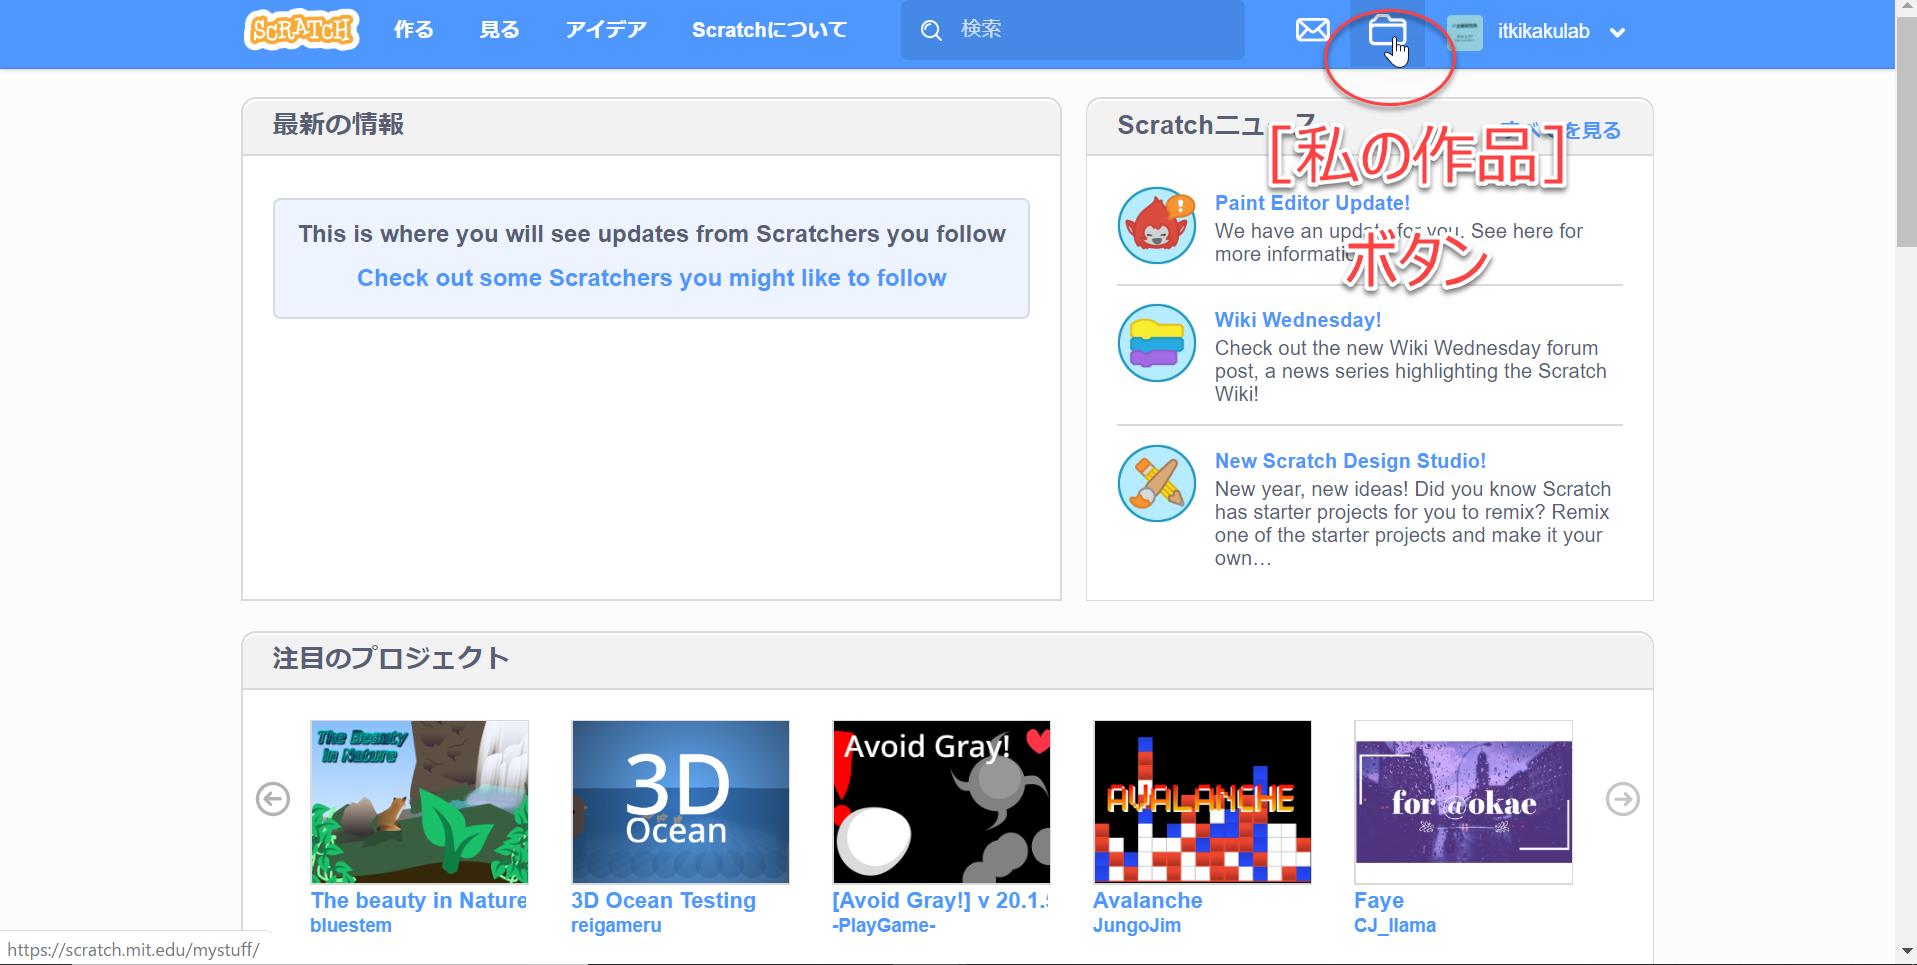 [私の作品]ボタン:Scratchコミュニティーサイトのメニュー